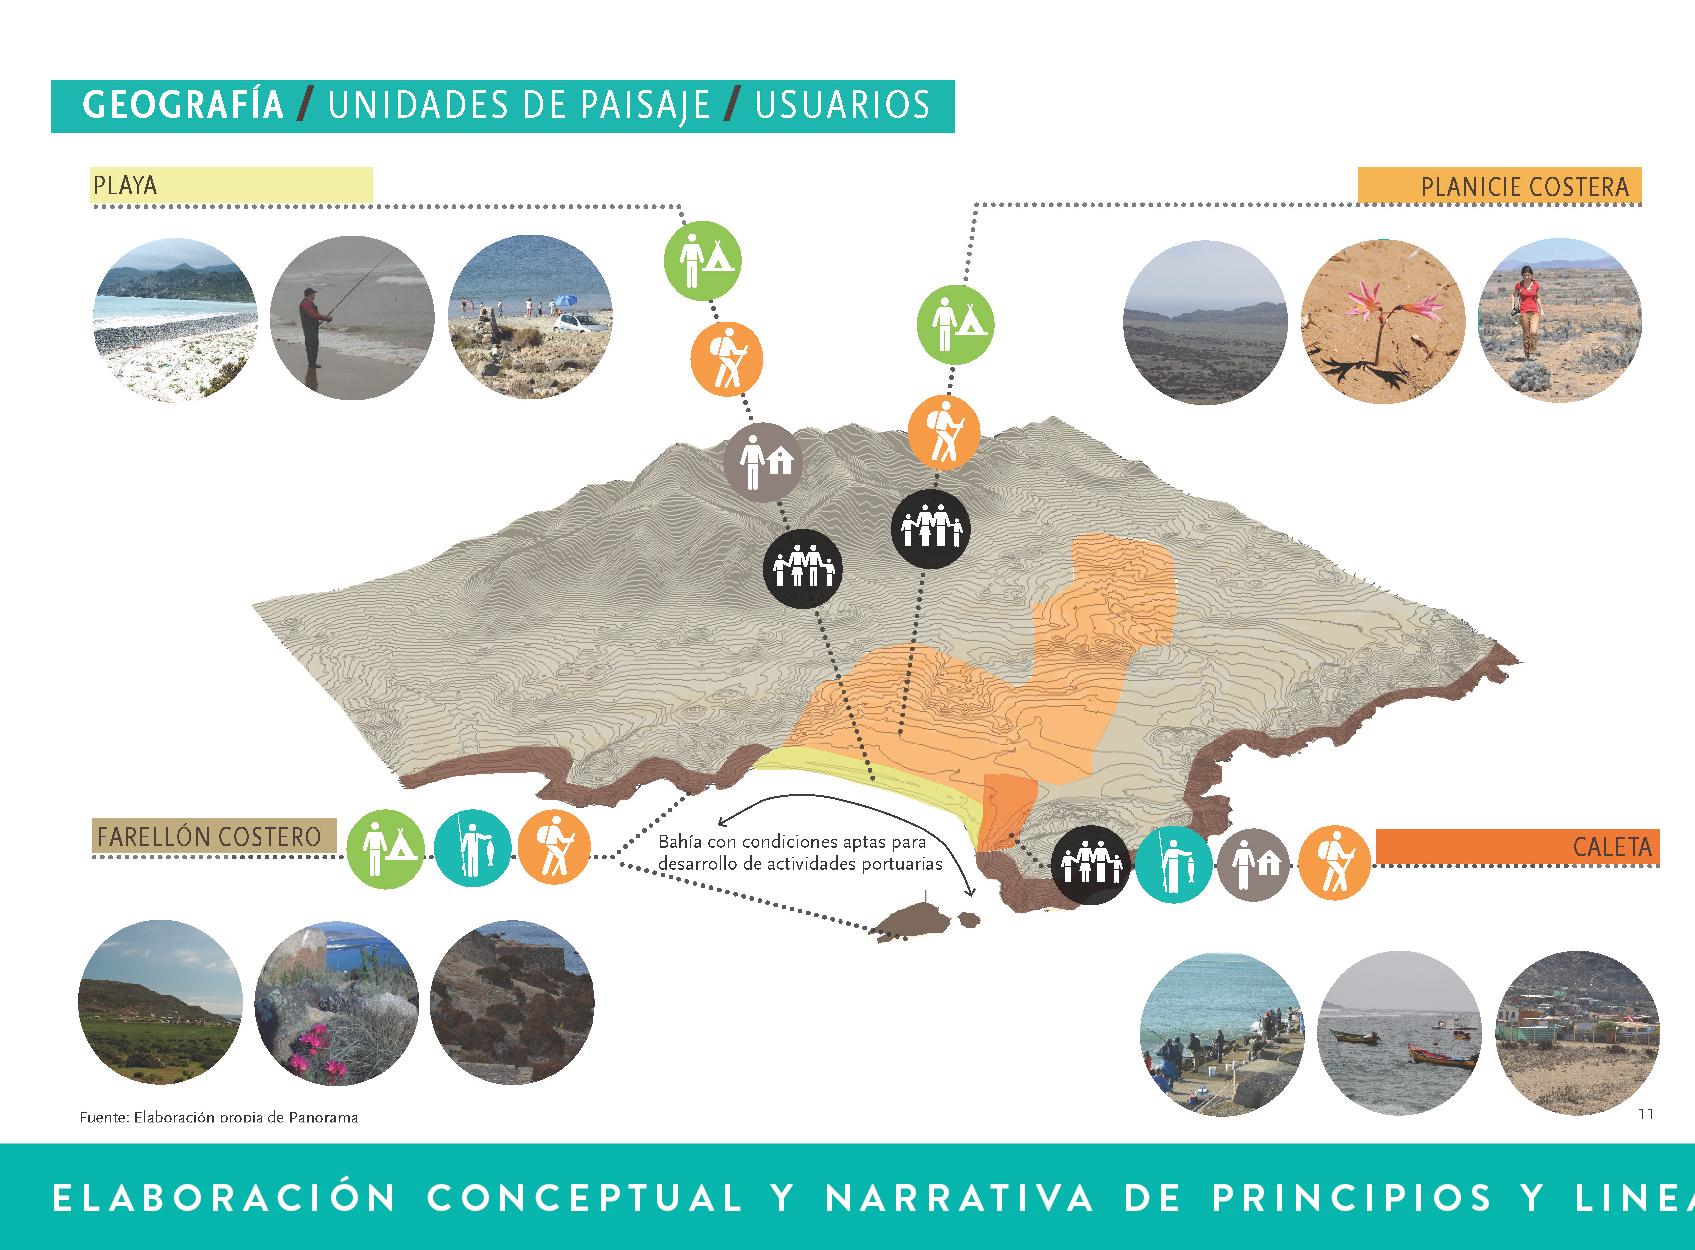 Proyectos Pagina WEB DISEÑO URBANO-06.jpg